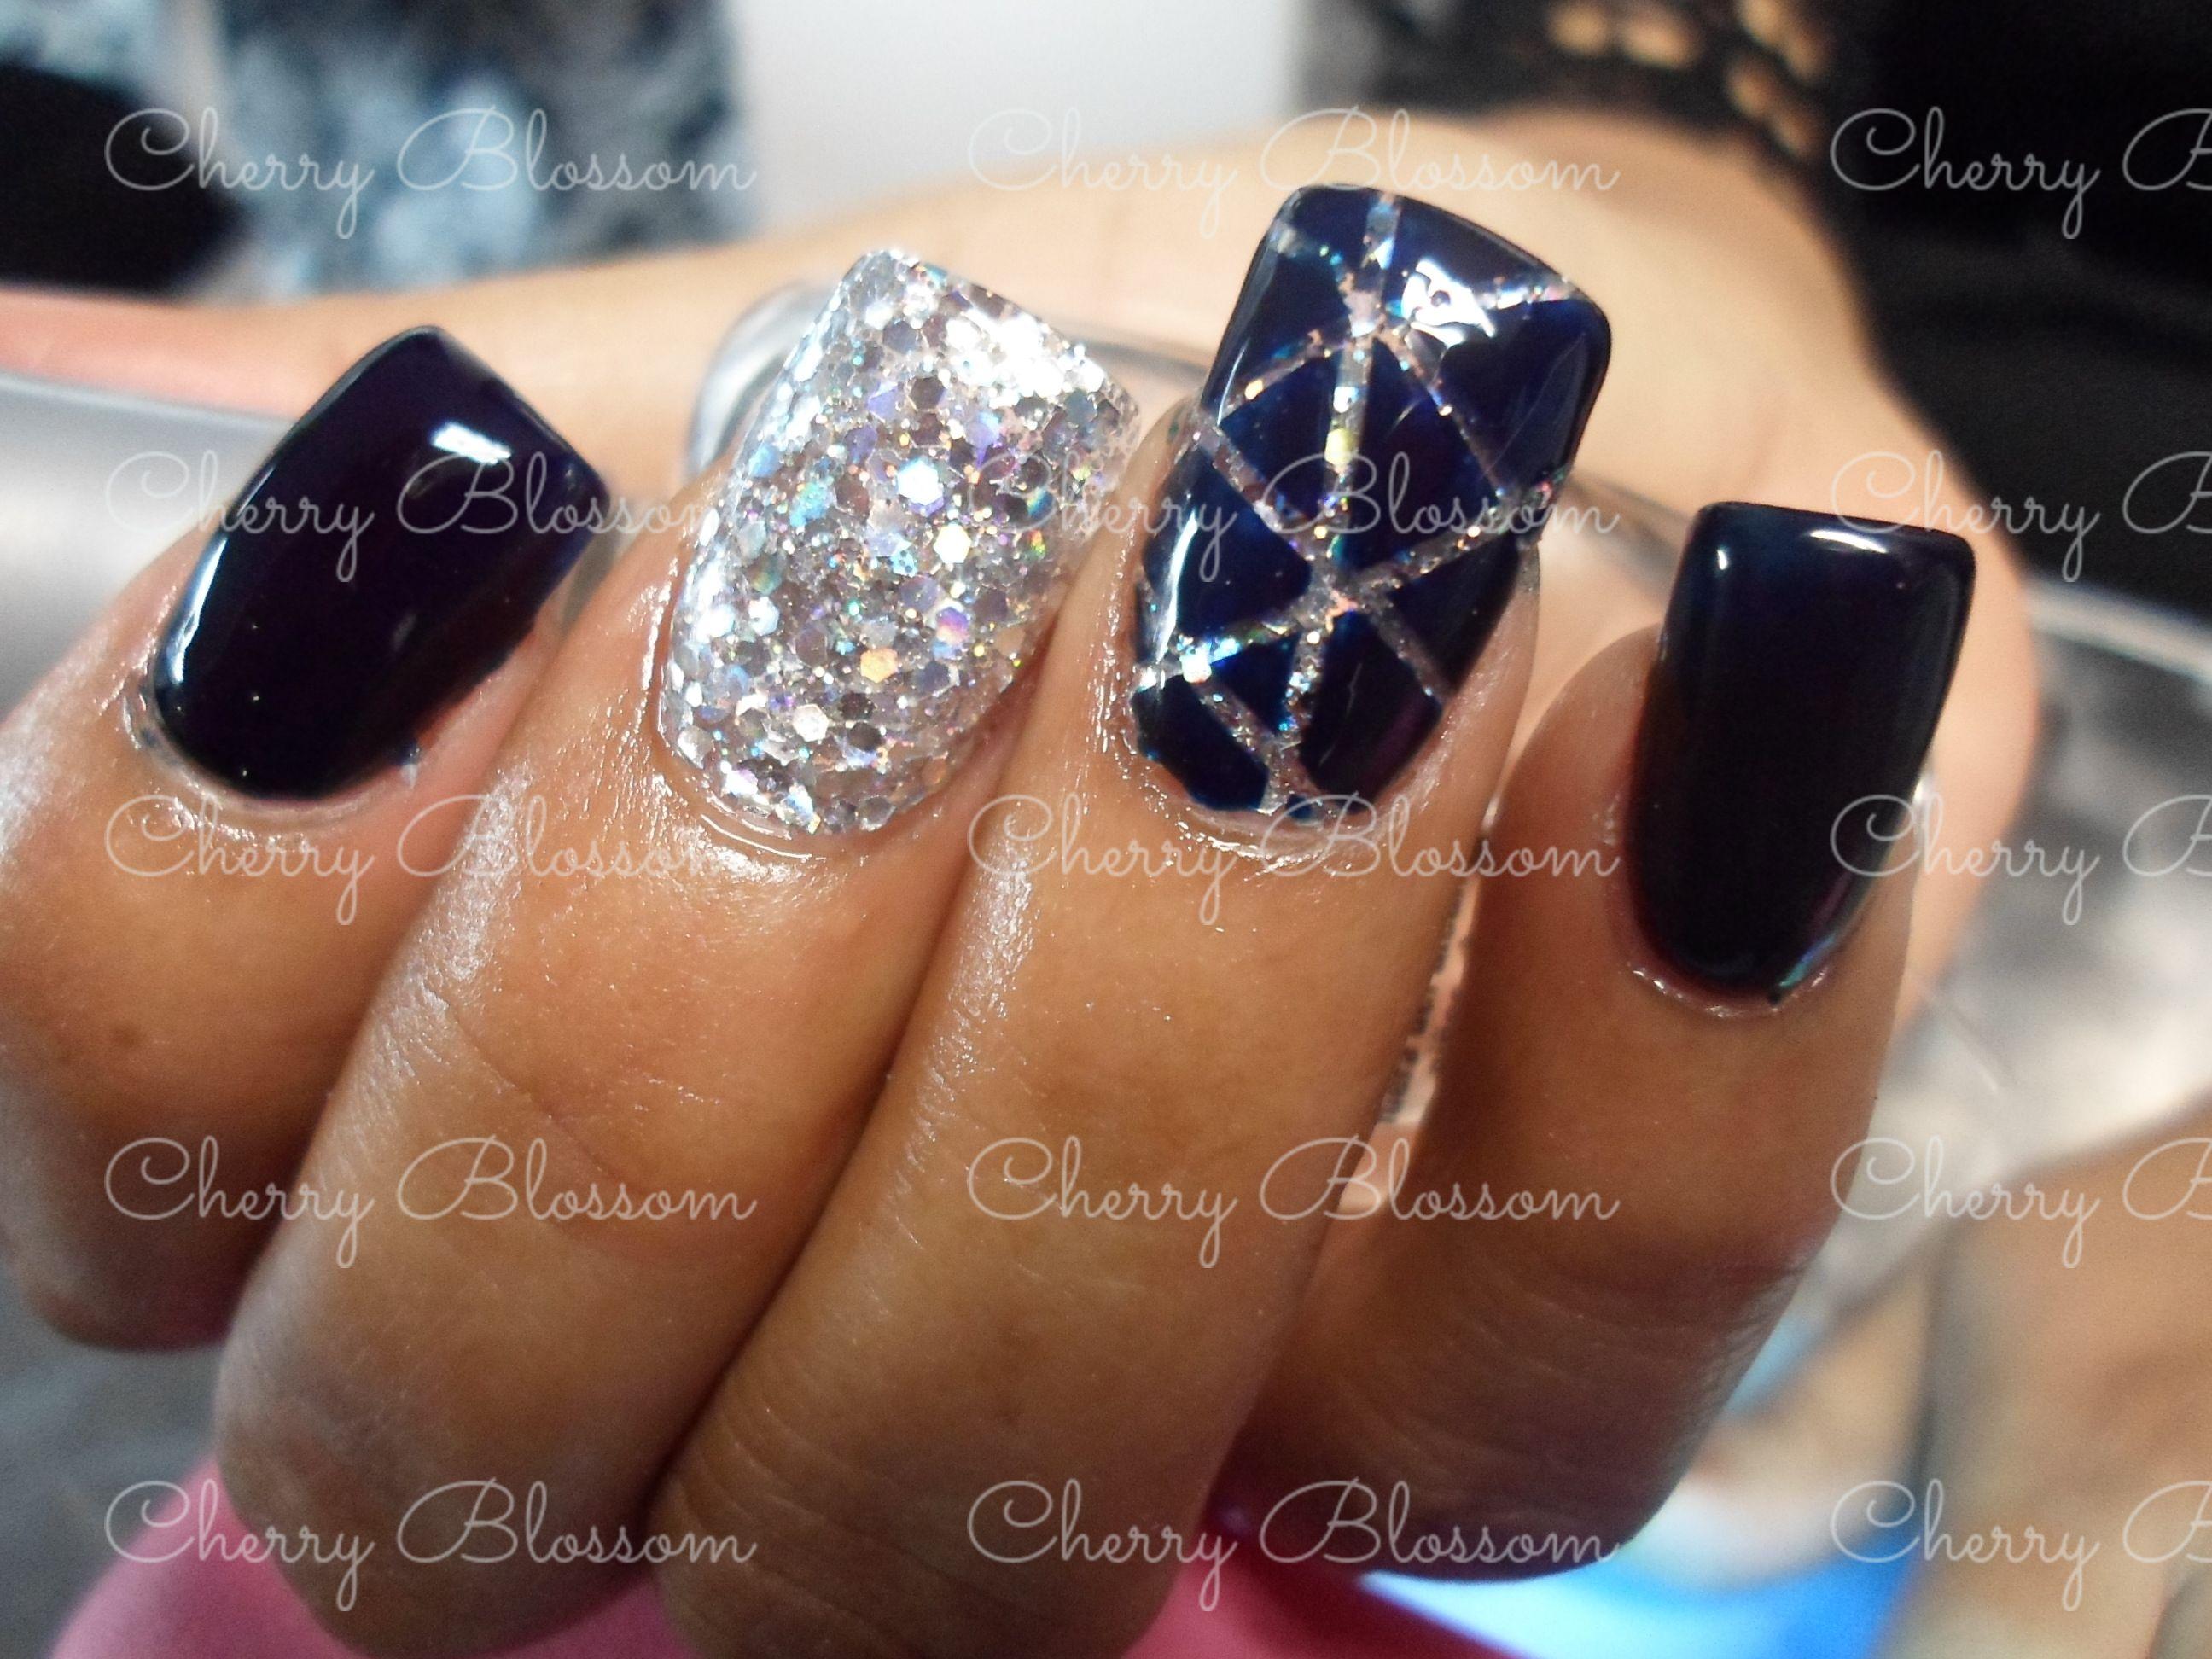 Cherry Blossom mva Citas 866 1390010 wspp Uñas, nails, acrilico ...